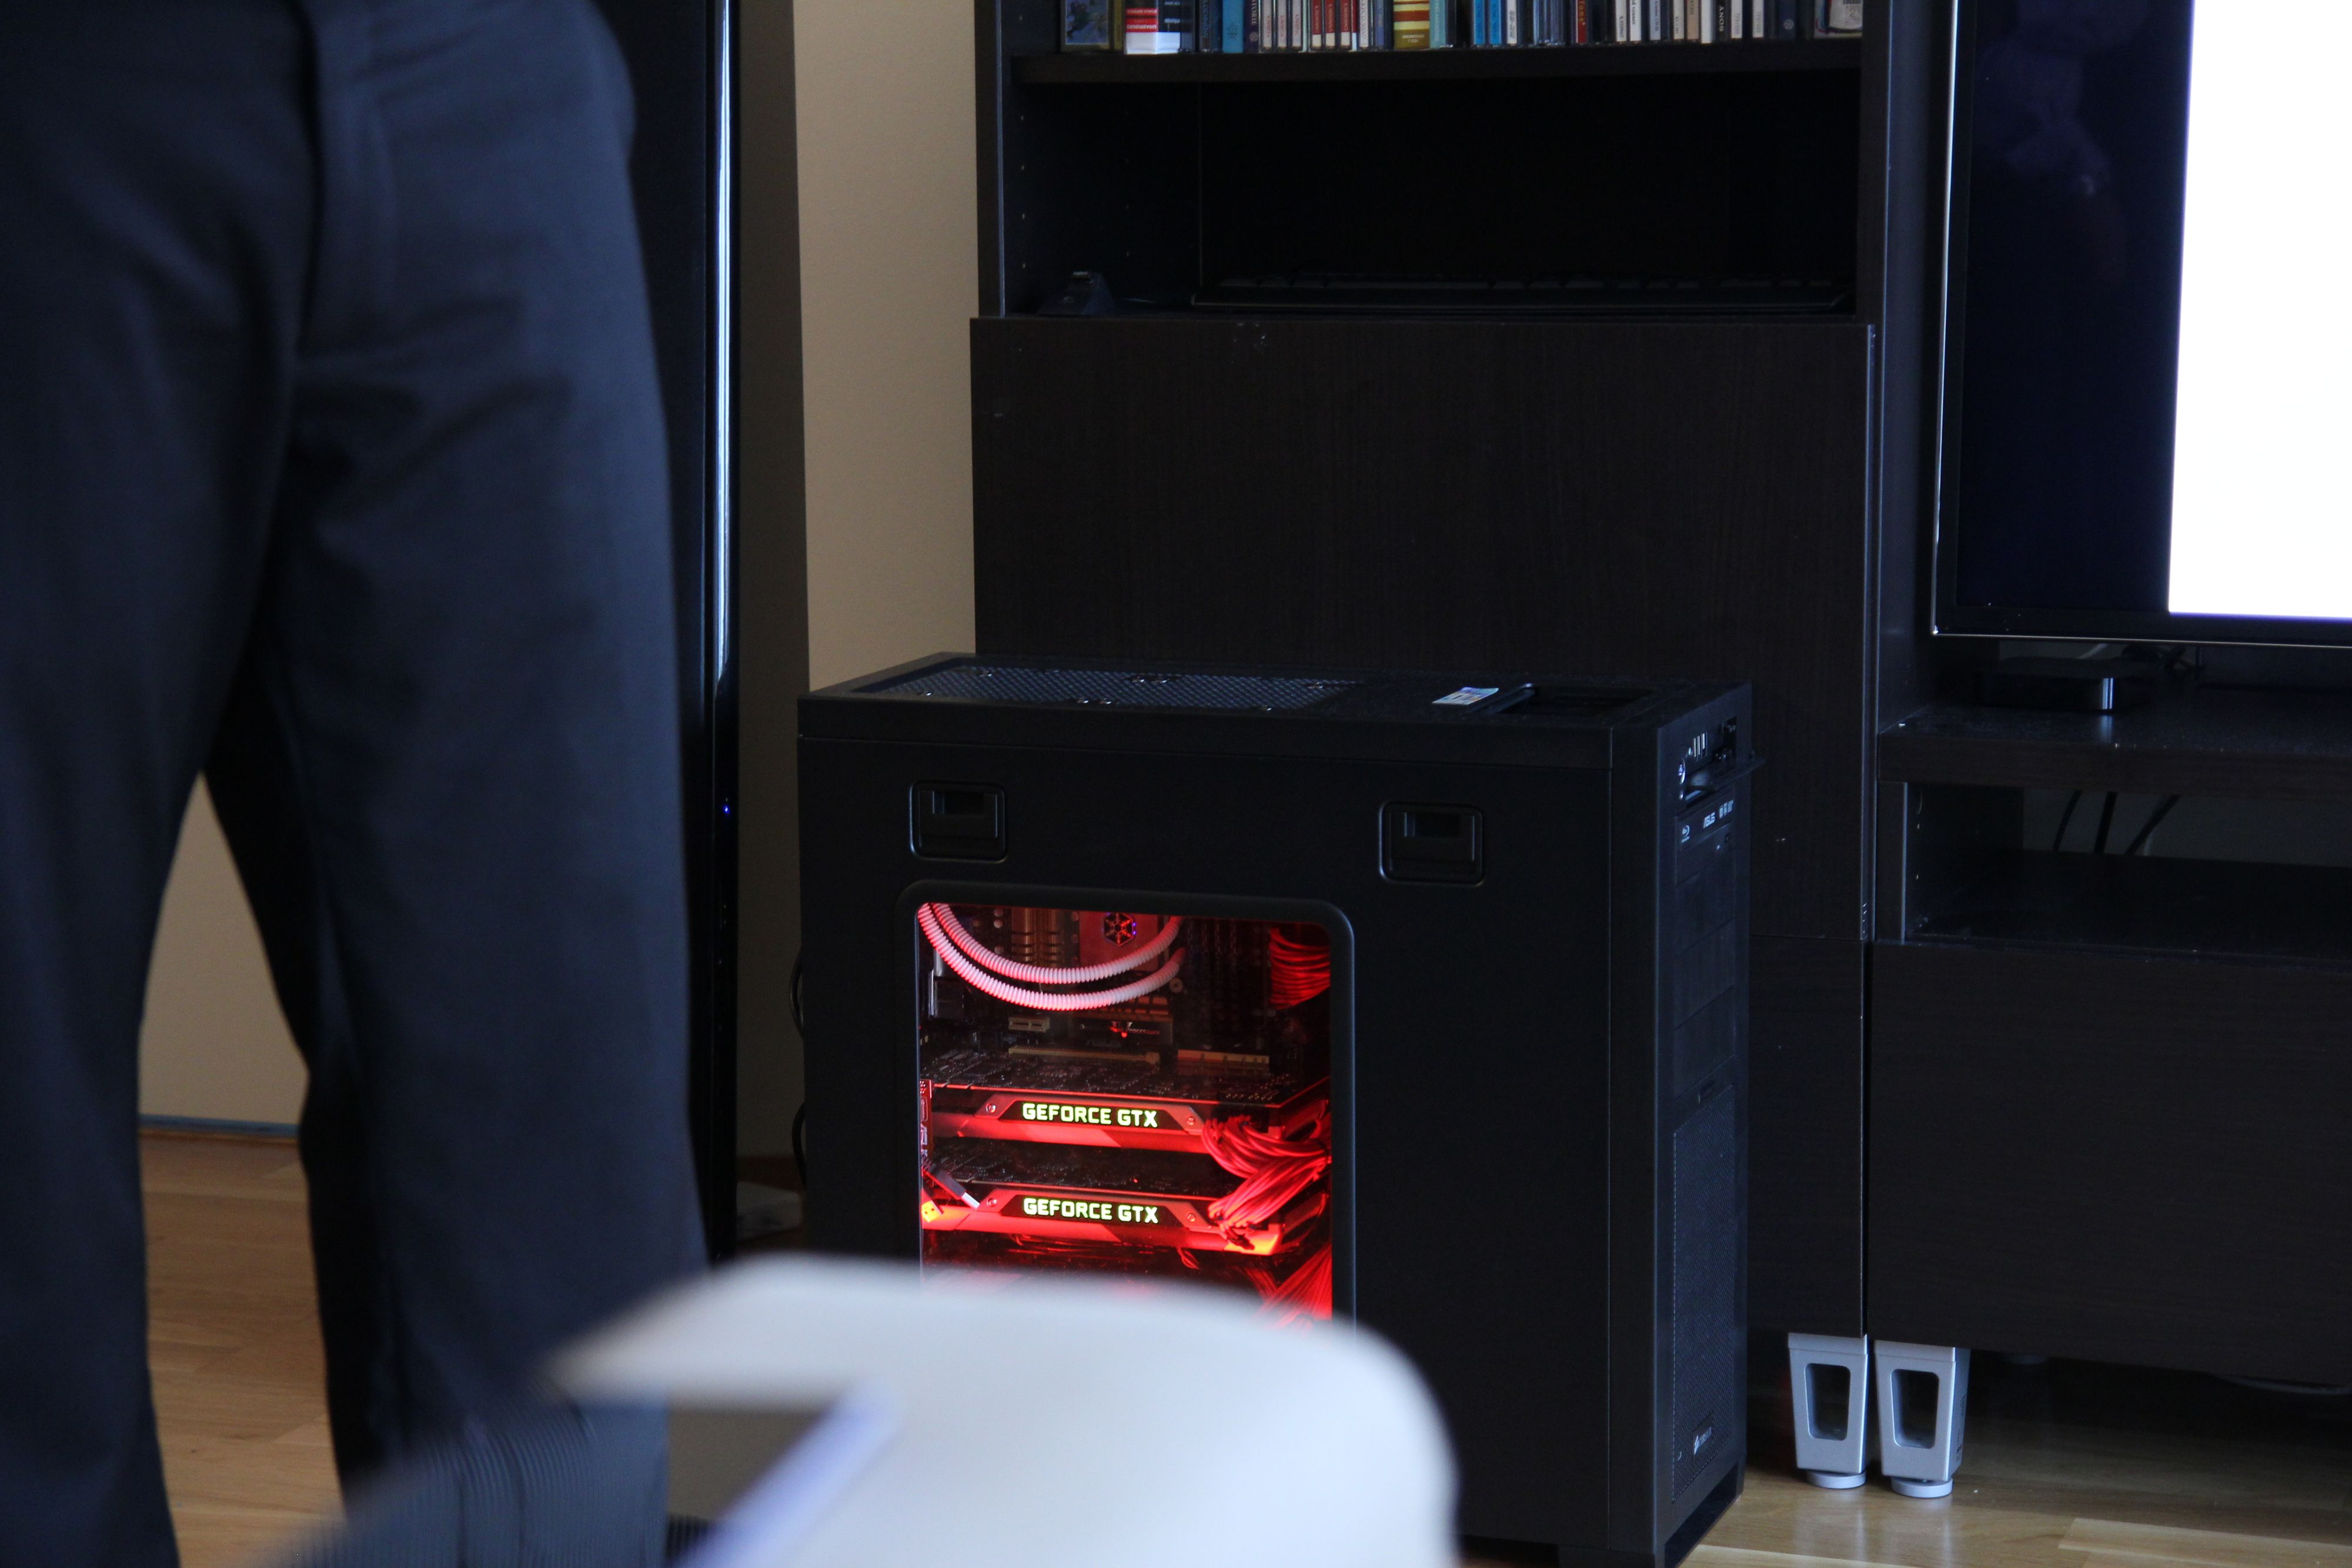 Kraftig PC må til for å kjøre 4K-demoen vi fikk se. .Foto: Ole Henrik Johansen / Hardware.no